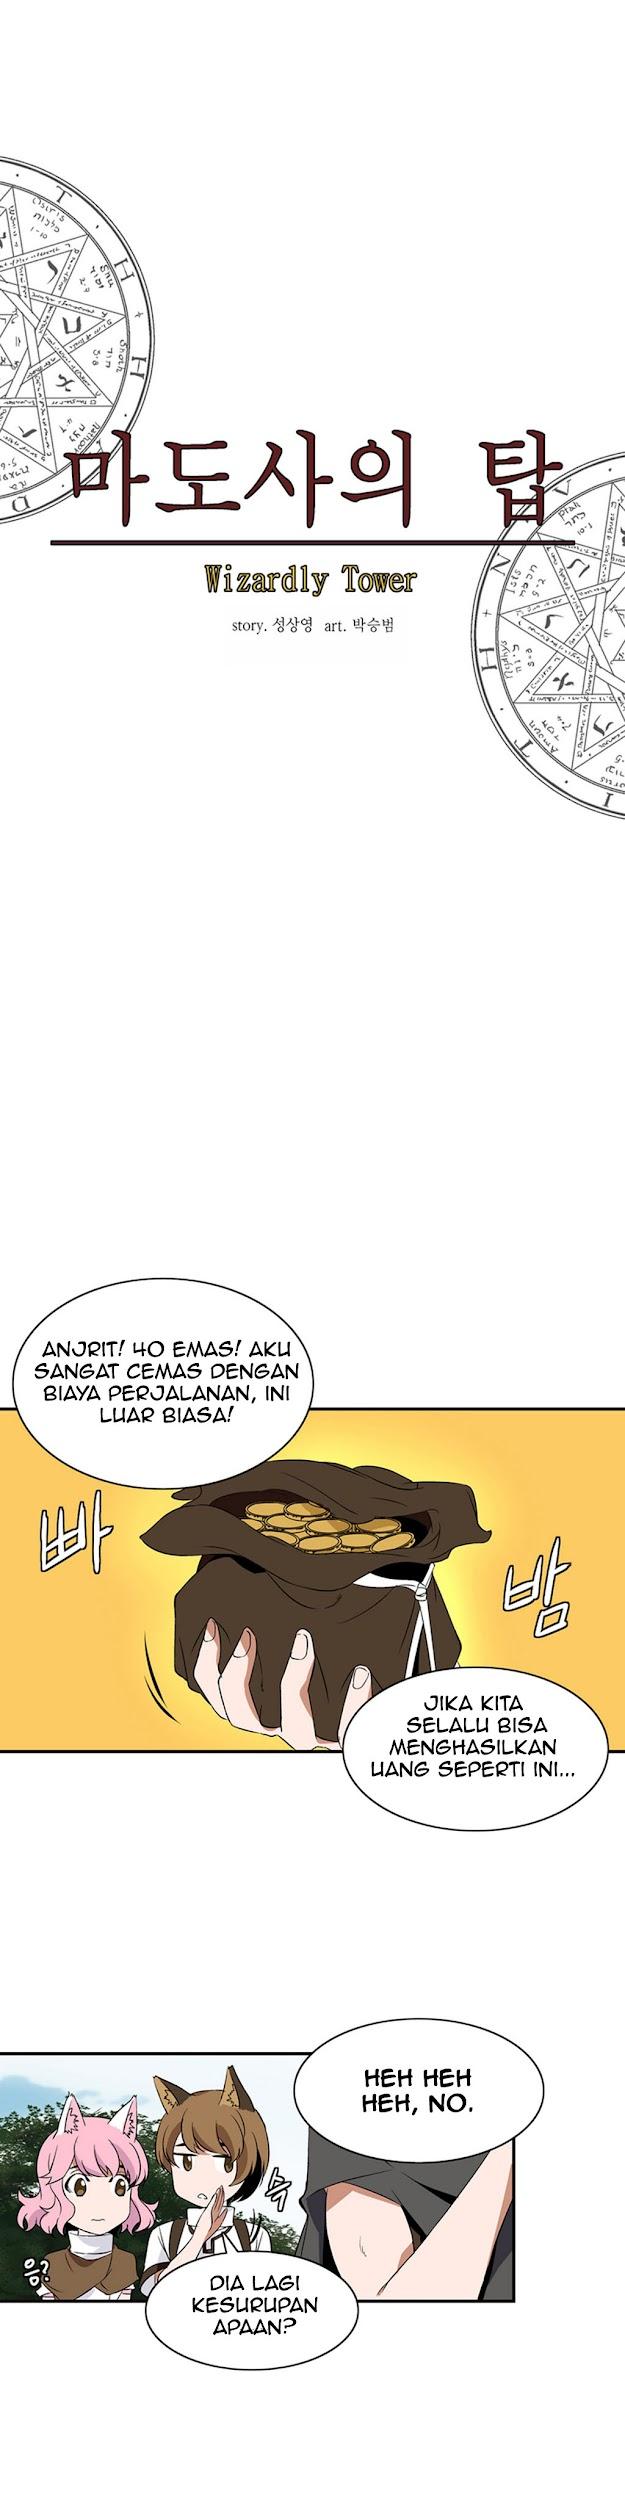 Dilarang COPAS - situs resmi www.mangacanblog.com - Komik wizardly tower 008 - chapter 8 9 Indonesia wizardly tower 008 - chapter 8 Terbaru 22|Baca Manga Komik Indonesia|Mangacan